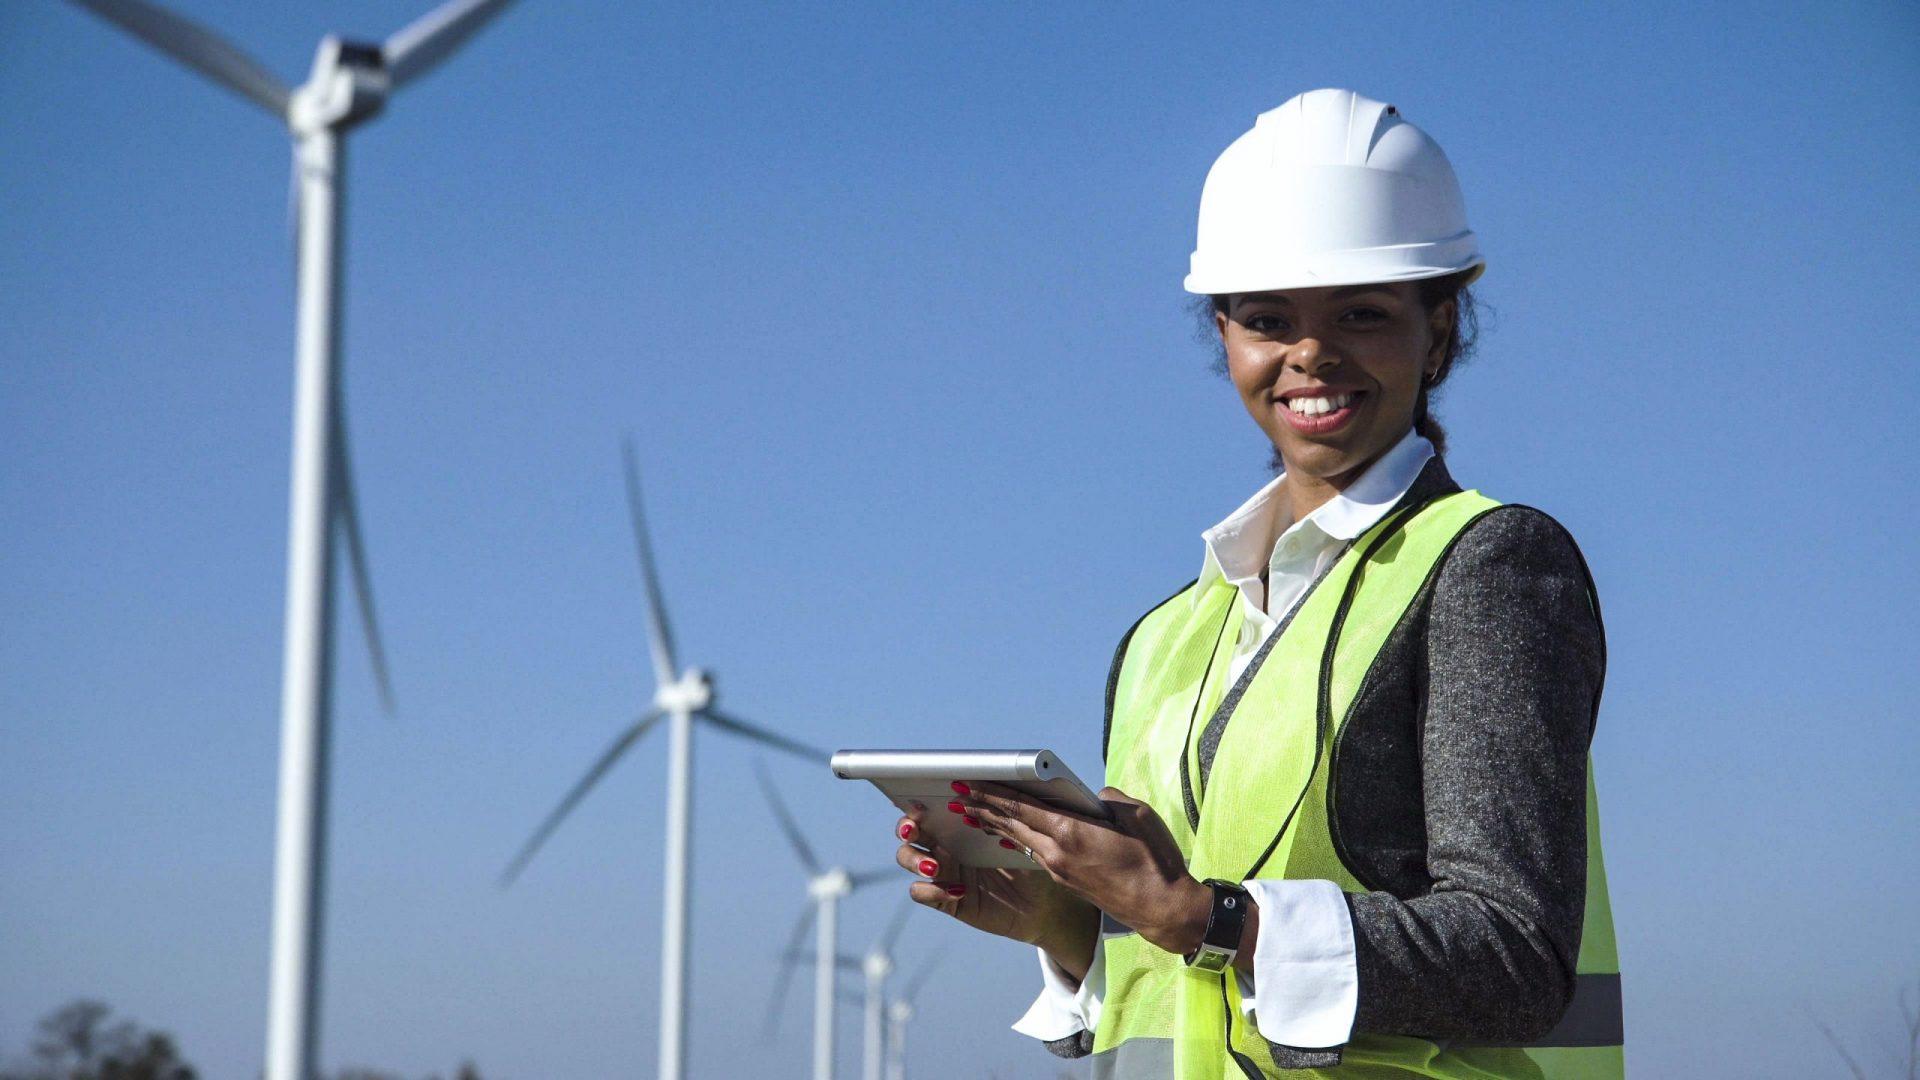 Qual é o papel do engenheiro de produção no setor energético sustentável?